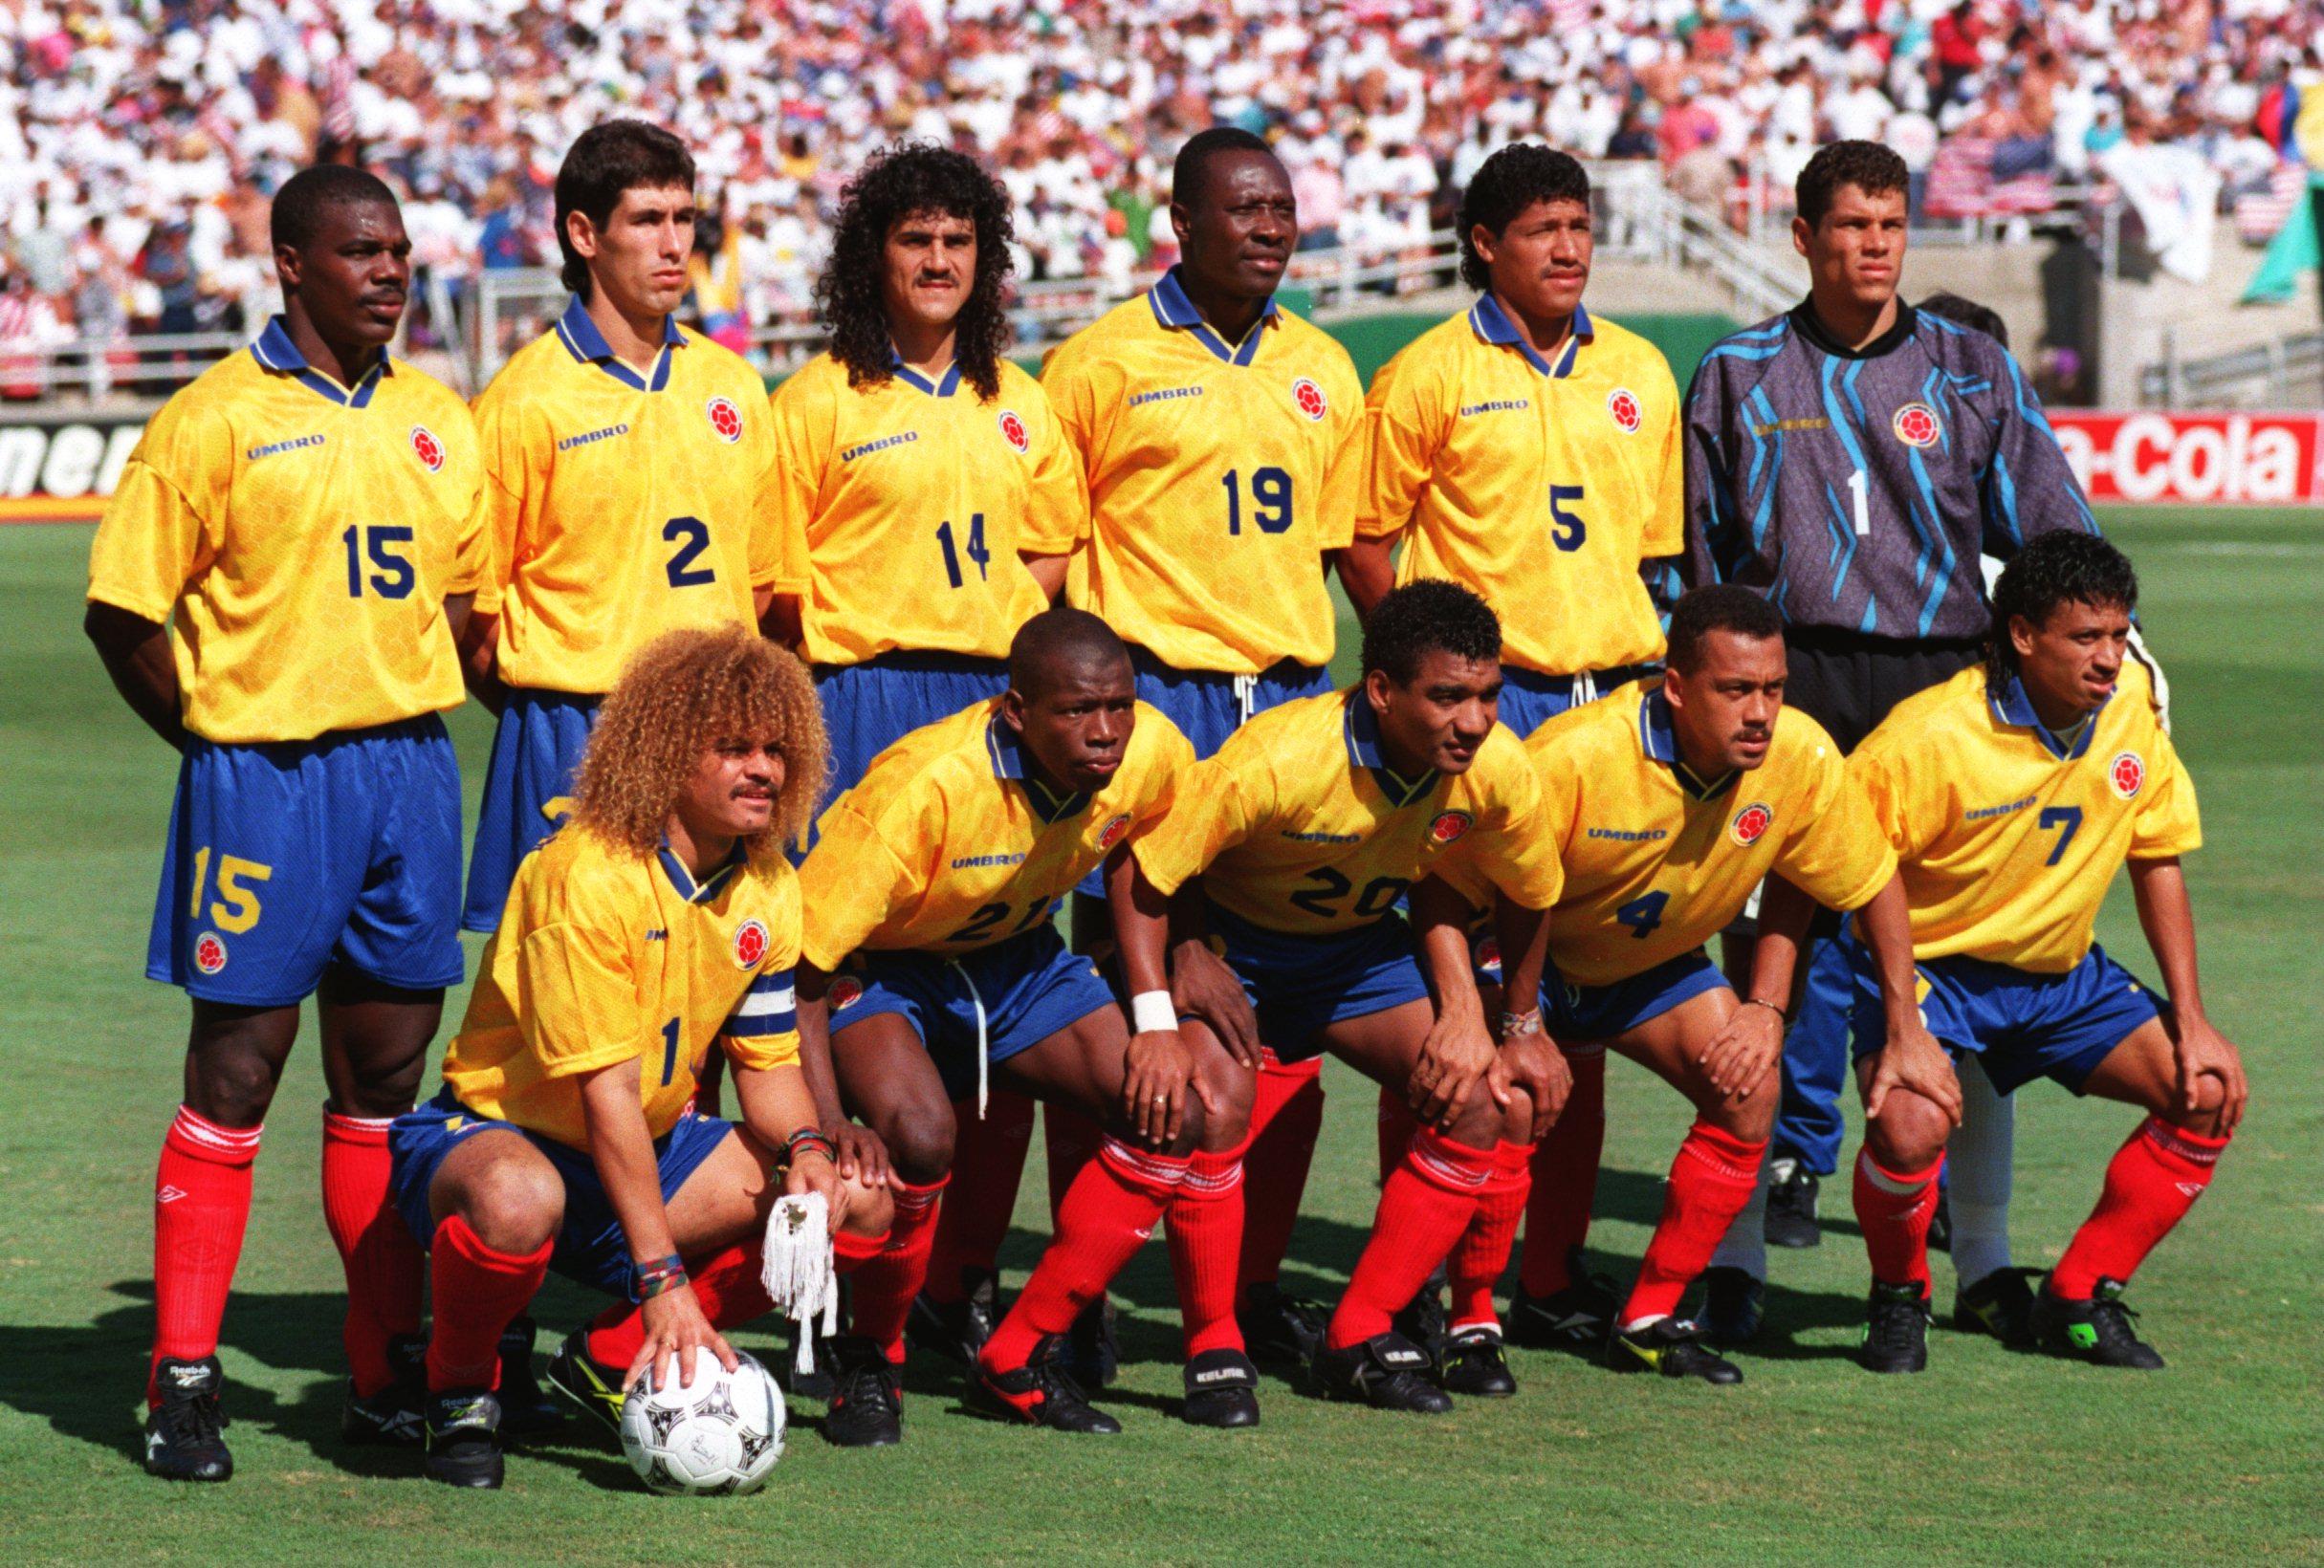 Футбольные картинки сборной колумбии